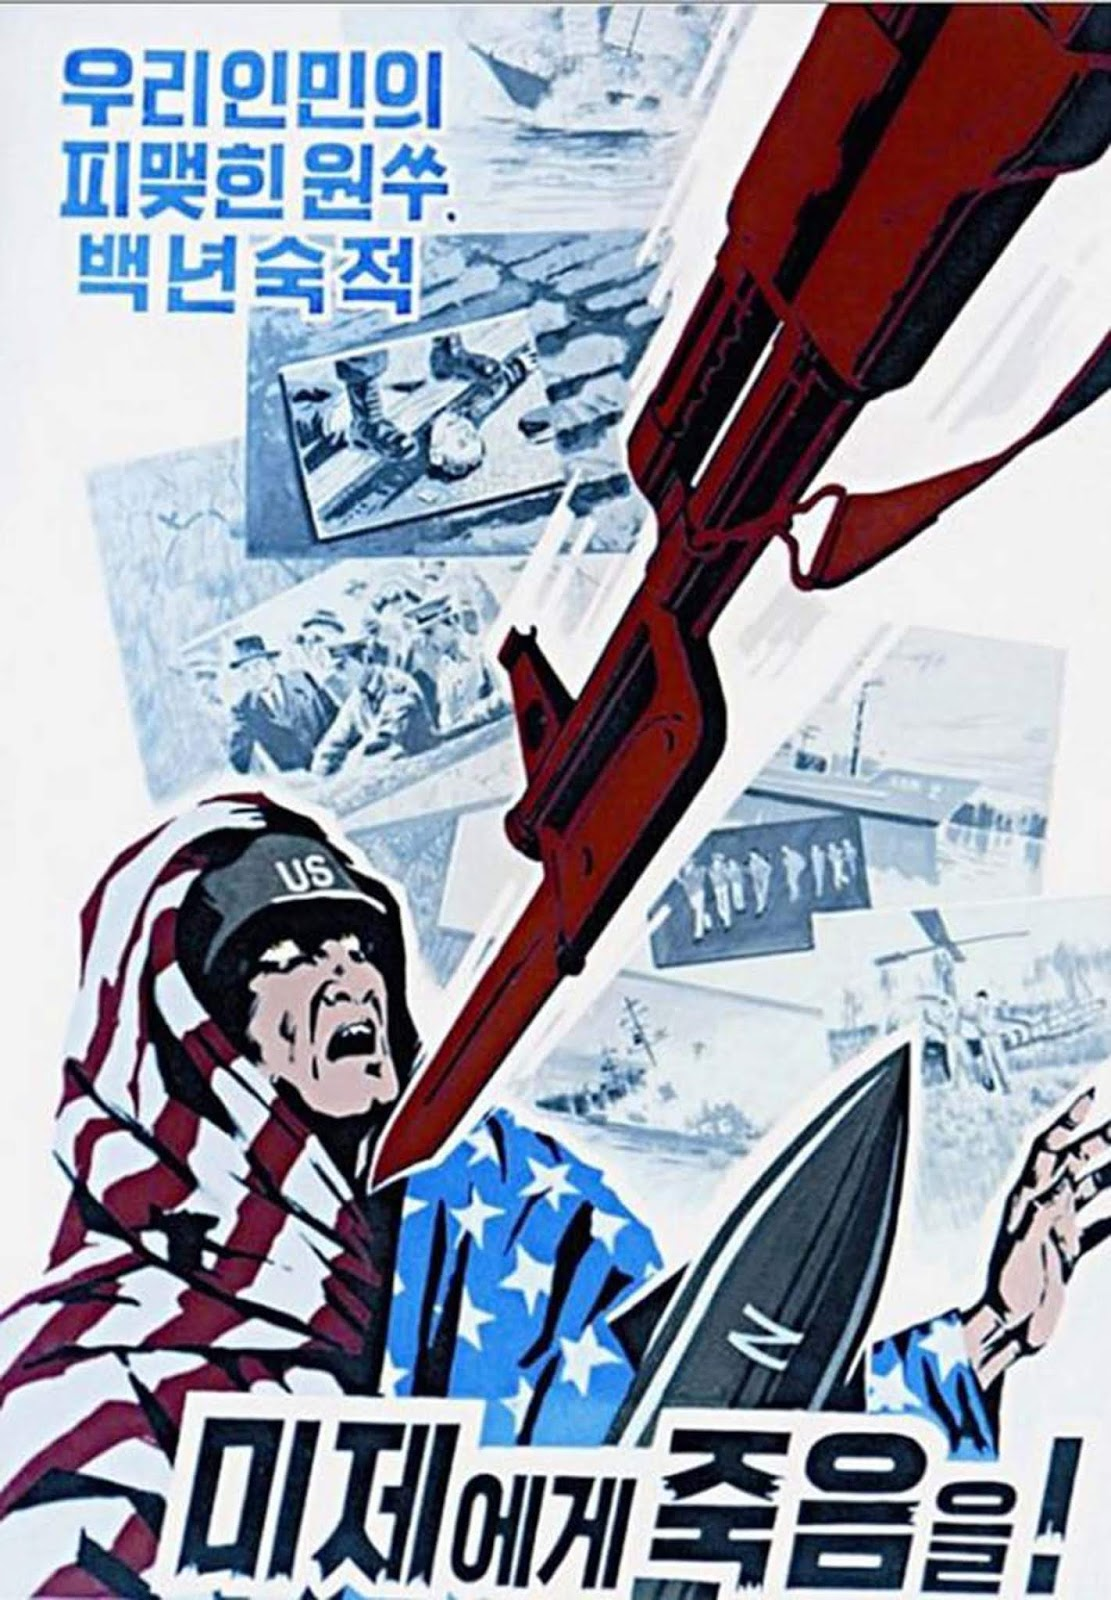 Imágenes violentas de arte propagandístico antiamericano de Corea del Norte, 1950-1970